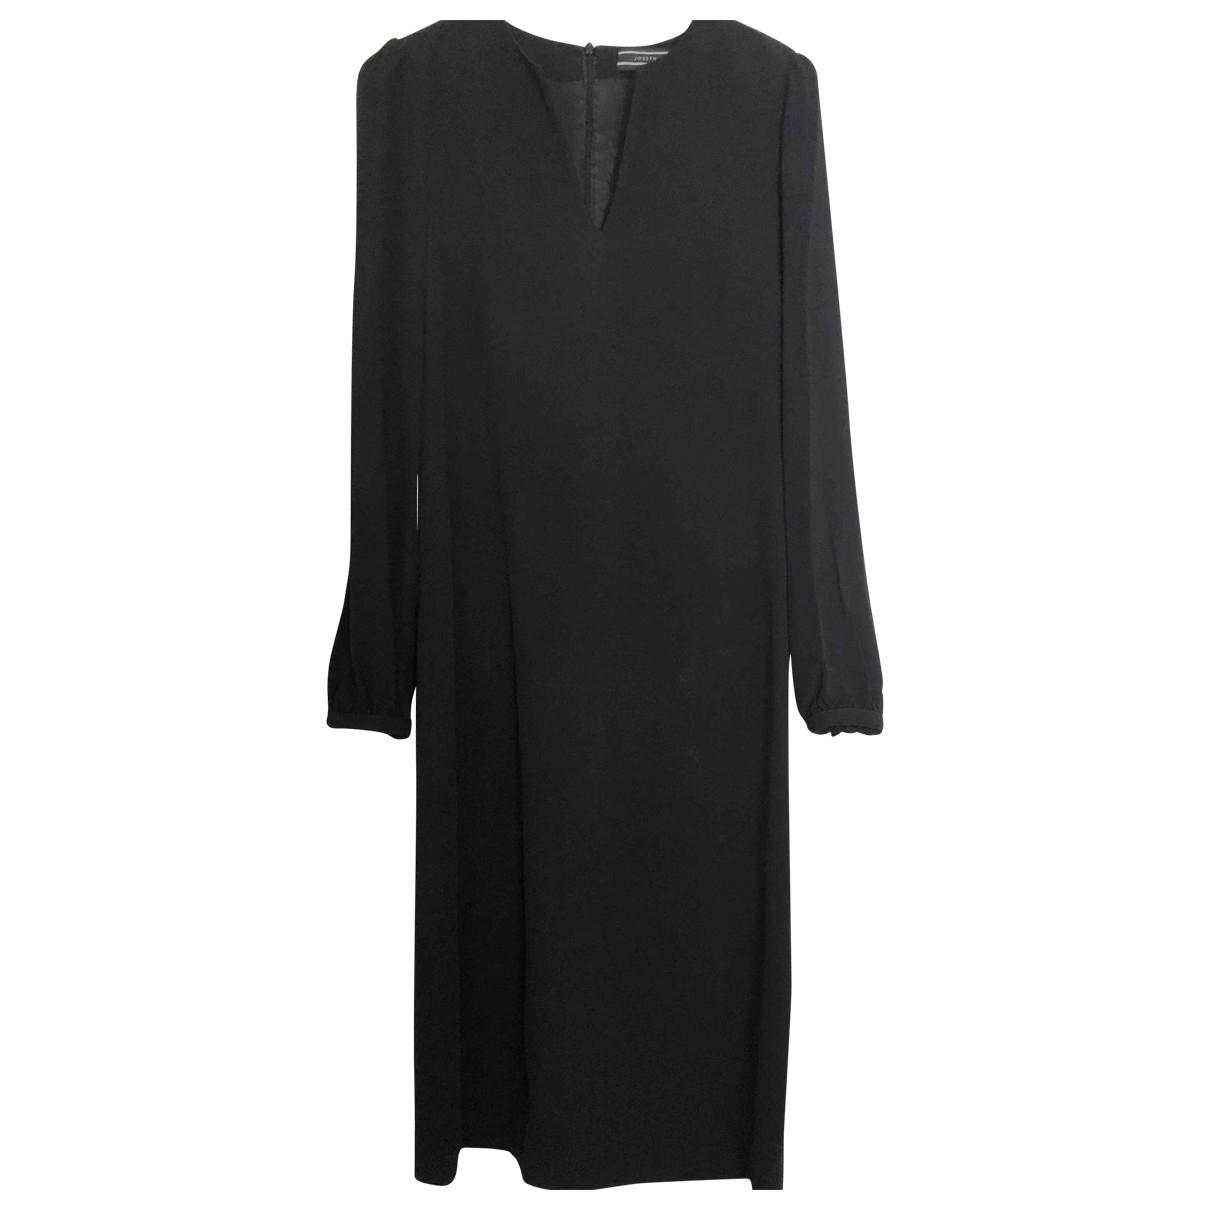 Joseph \N Kleid in  Schwarz Synthetik